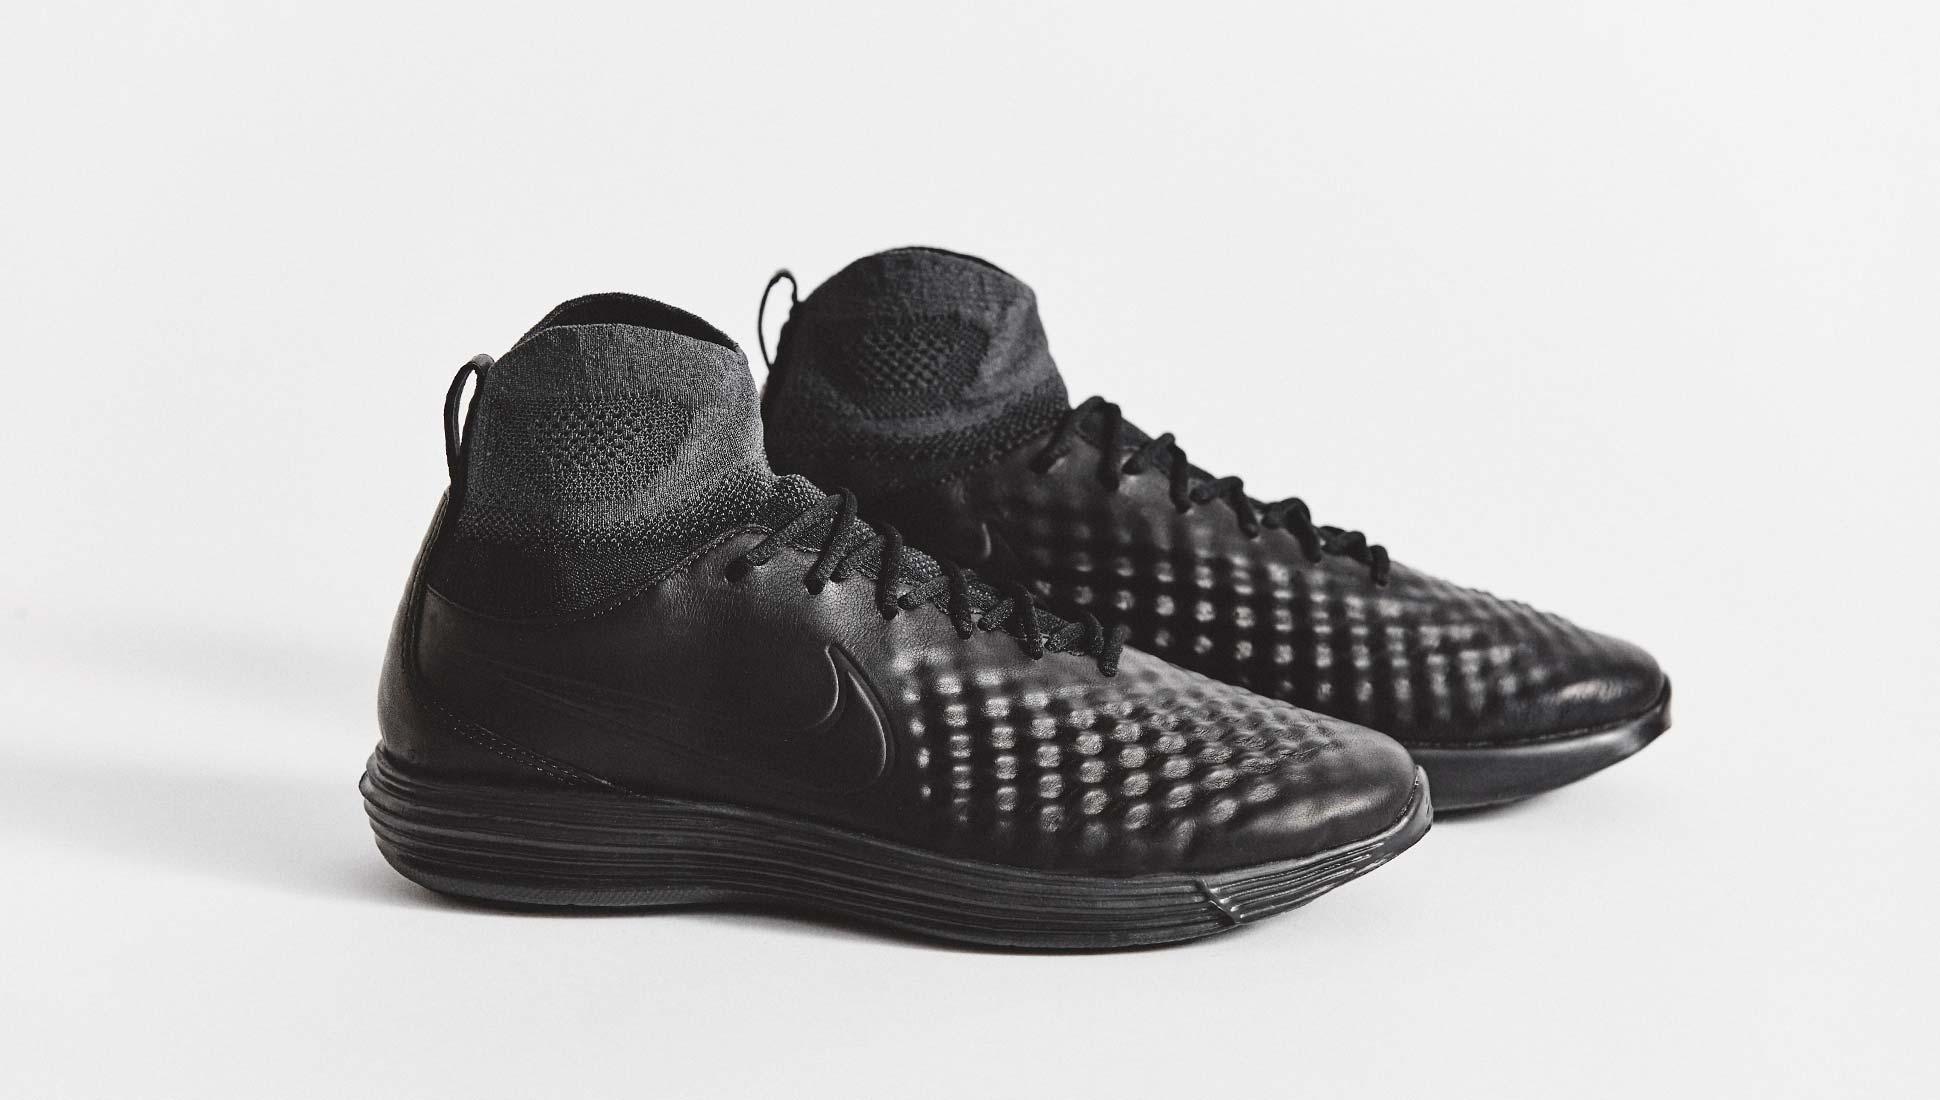 online store 720da 94de2 Nike Lunar Magista II Flyknit Black Sneakers - SoccerBible